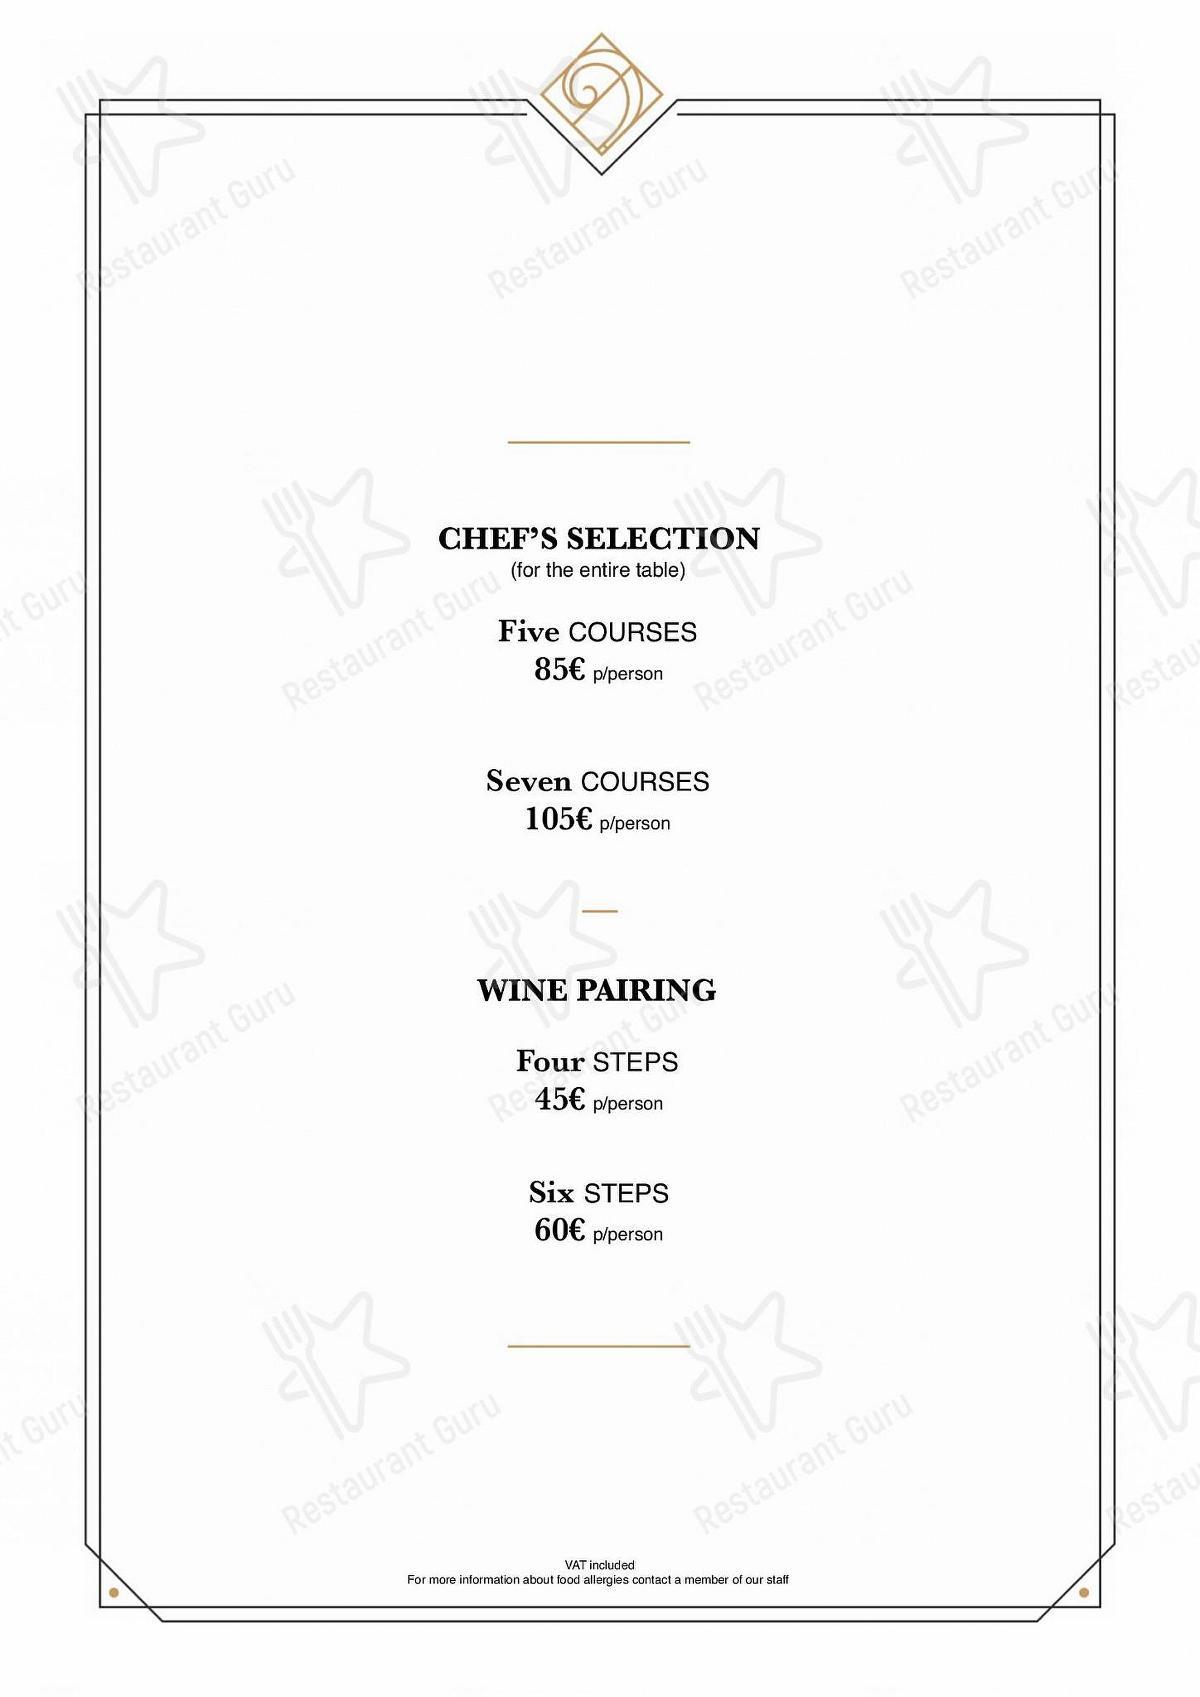 Carta de Le Monument restaurante